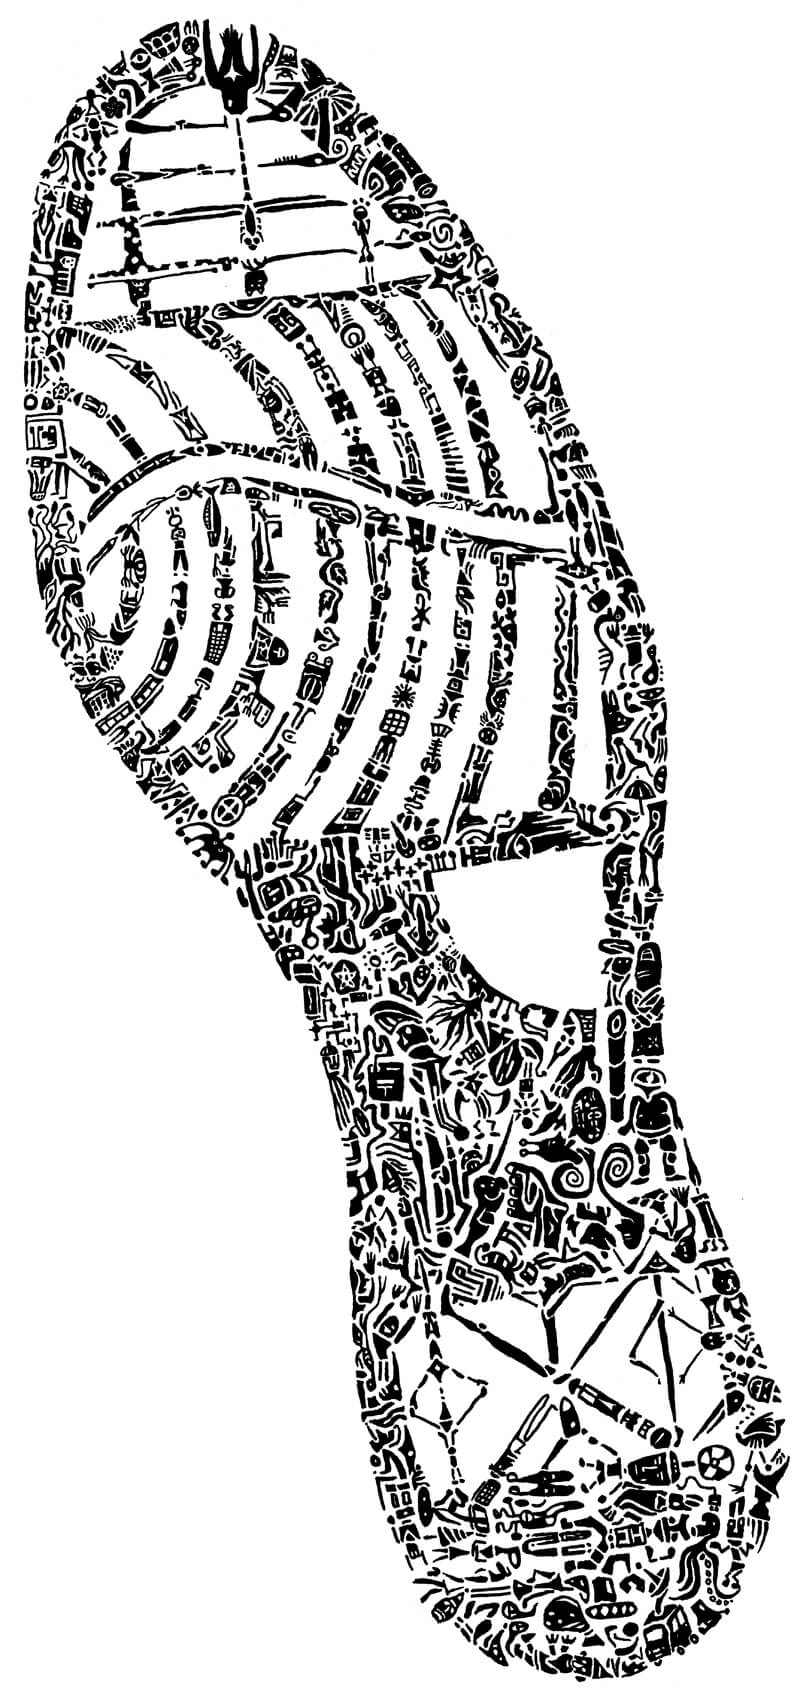 靴底の形をモチーフにしたボールペン画